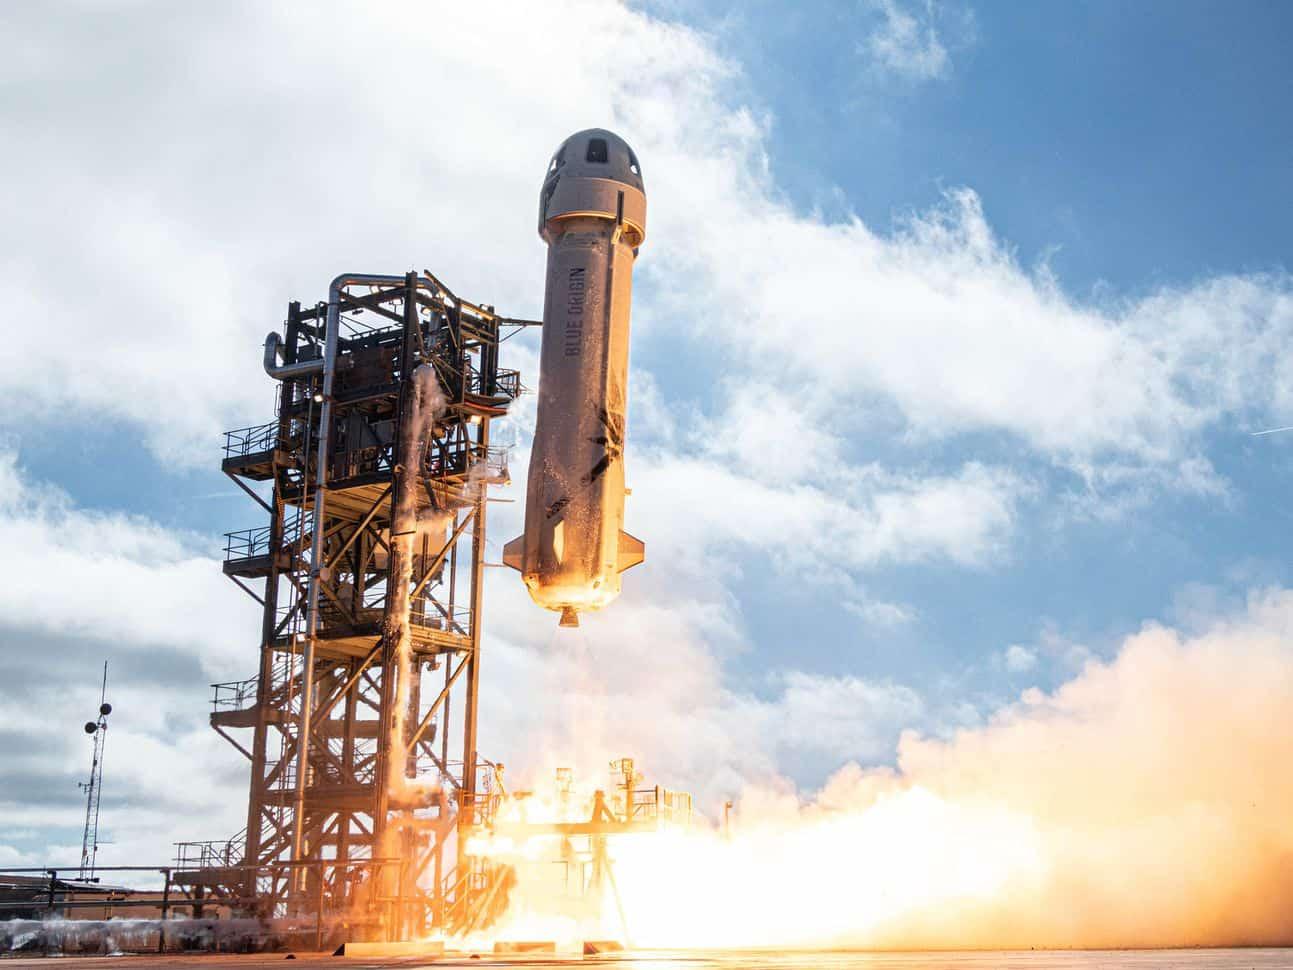 في عام 2021: شركتان تدخلان مجال إطلاق الصواريخ التجارية